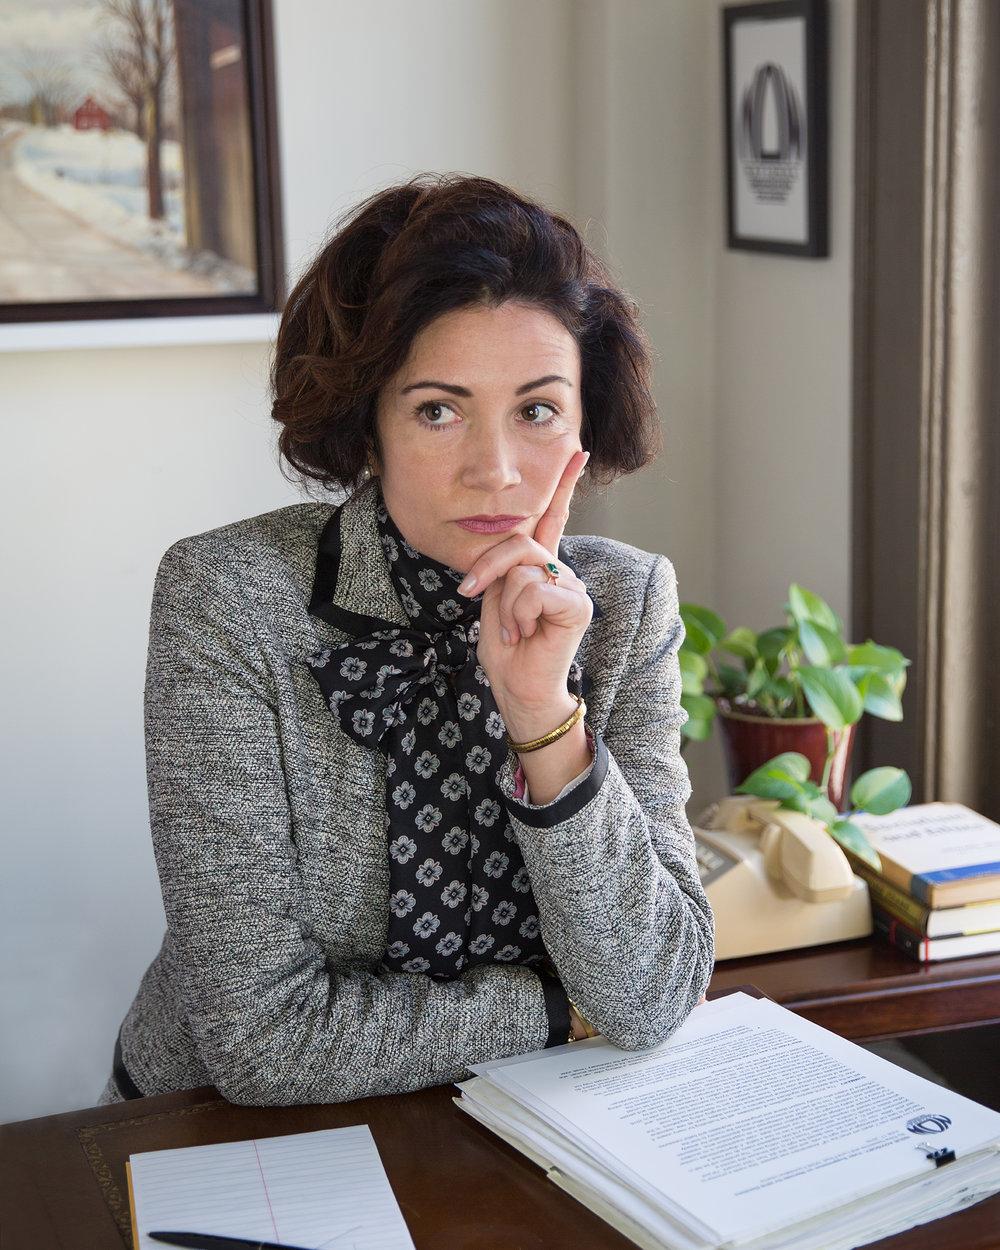 Dr. Jennifer Earl as Dr. Kathryn F. Clarenbach